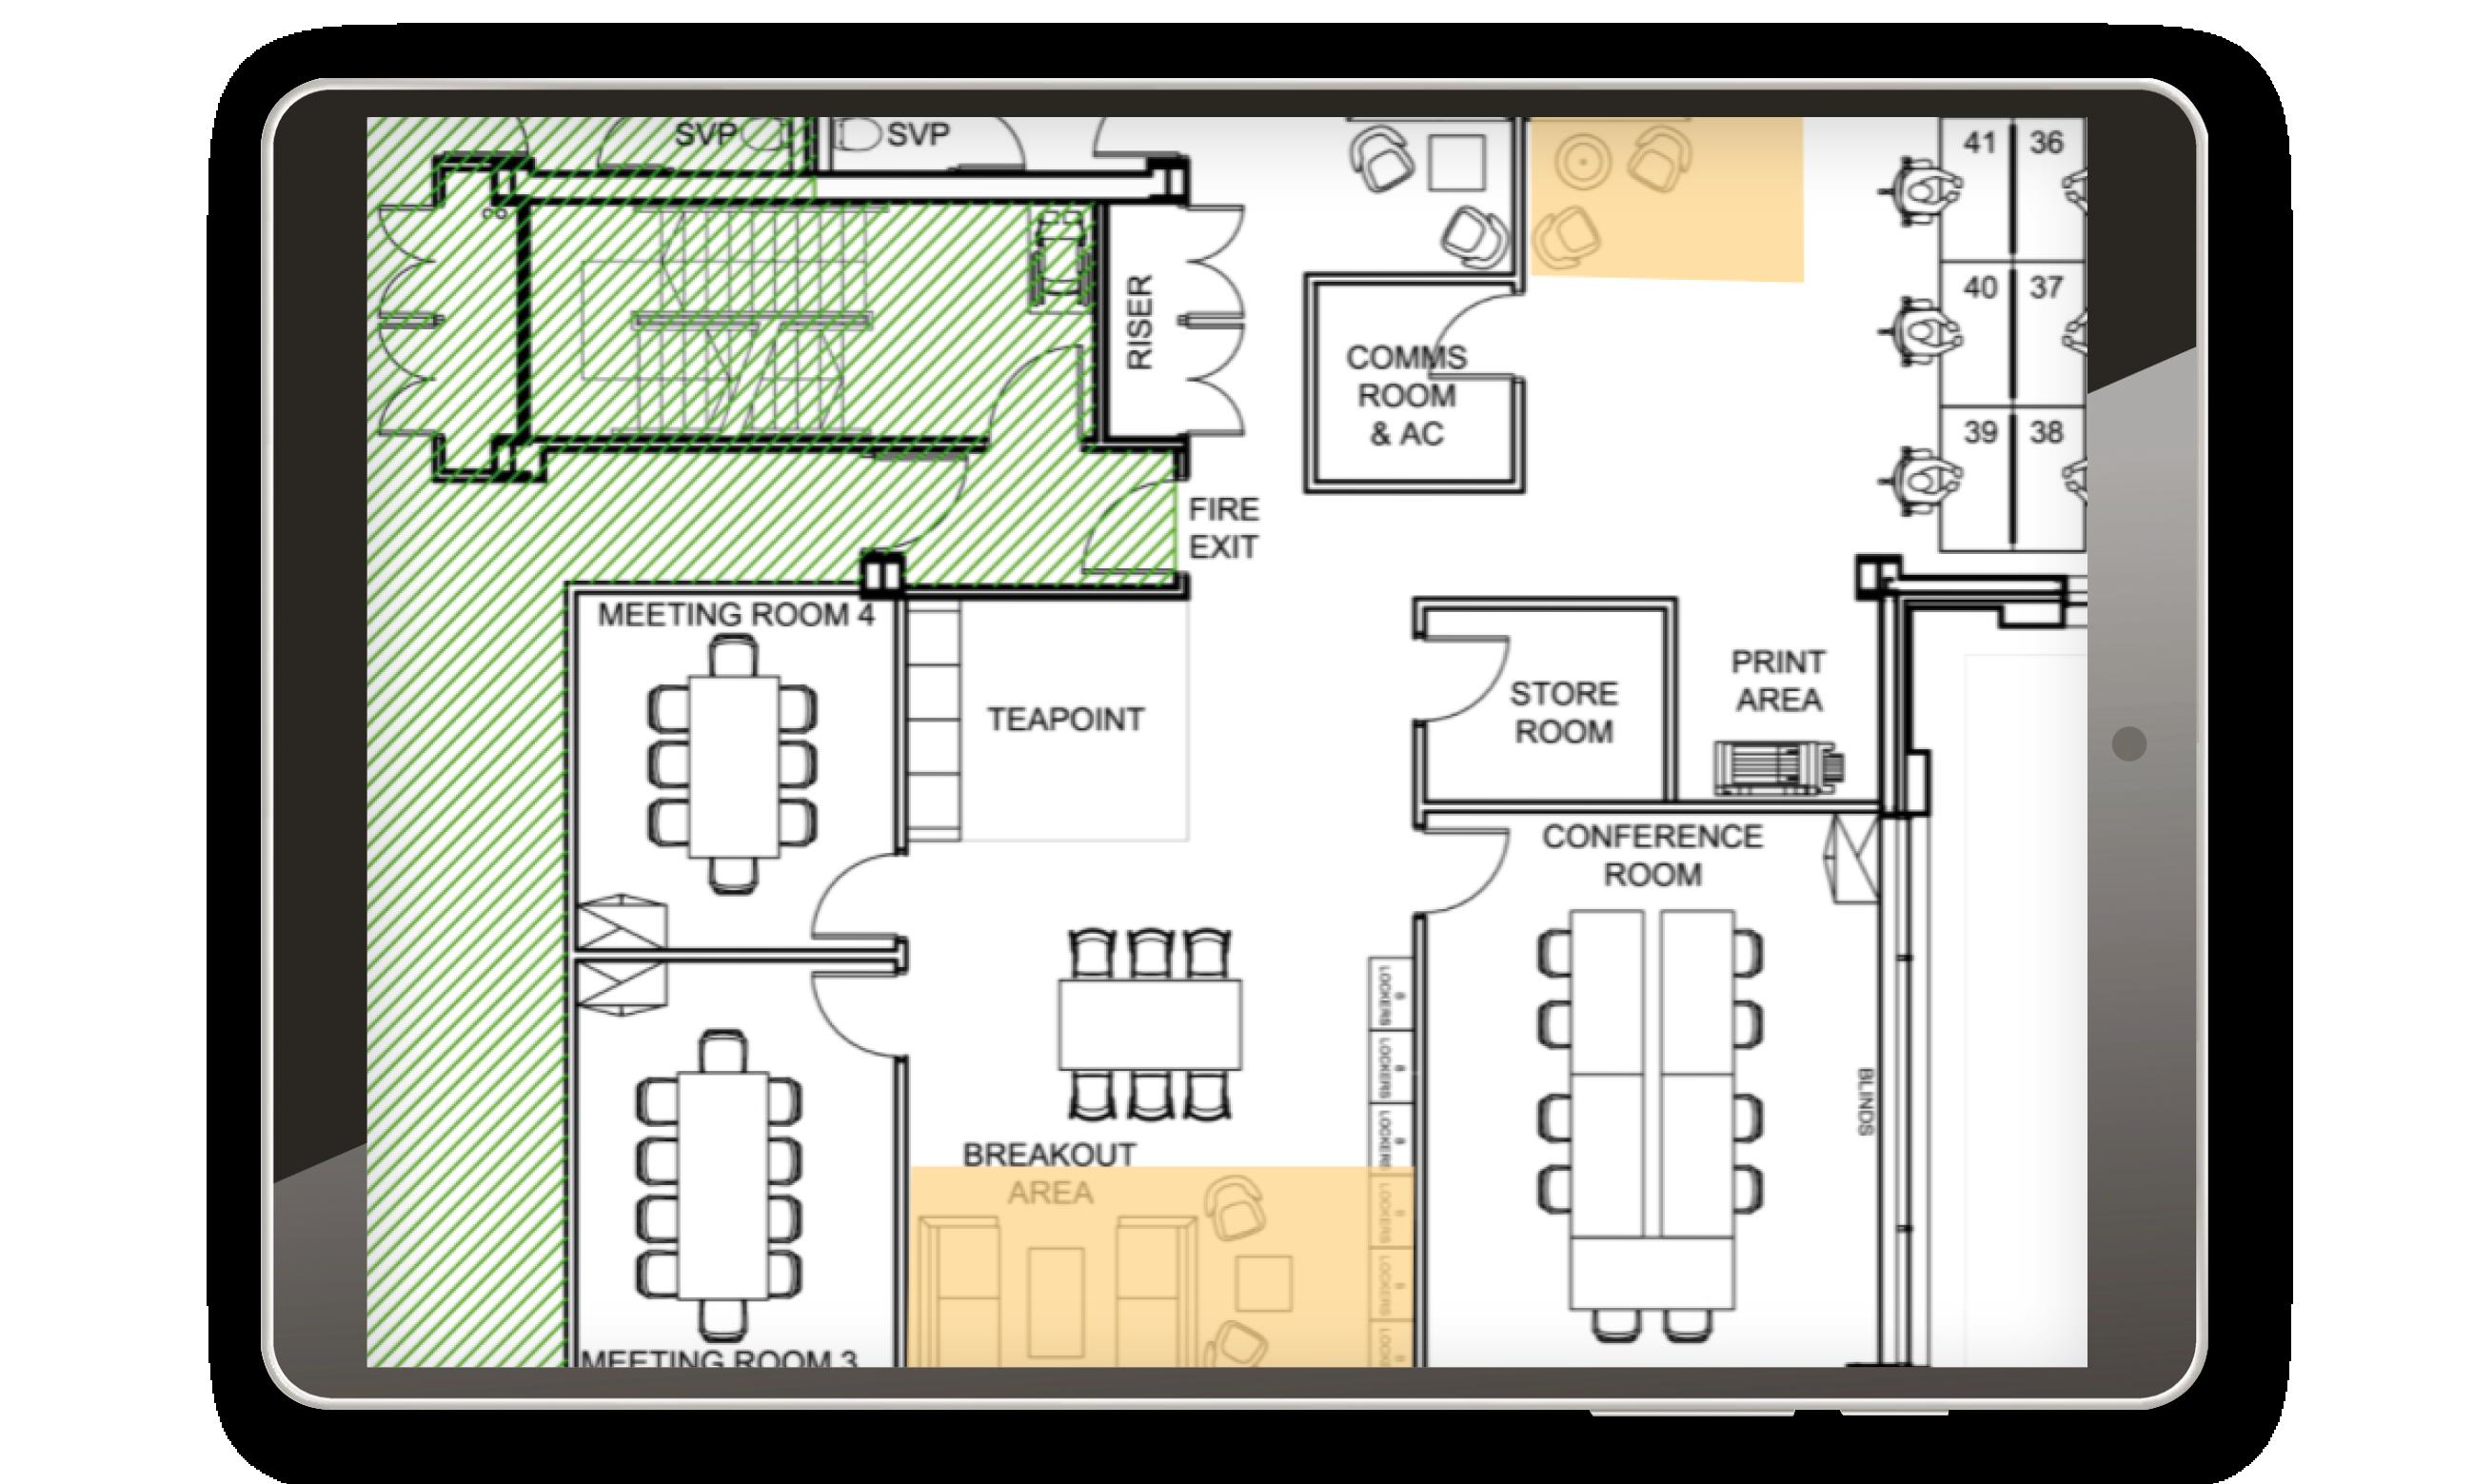 meeting room booking map ipad-1